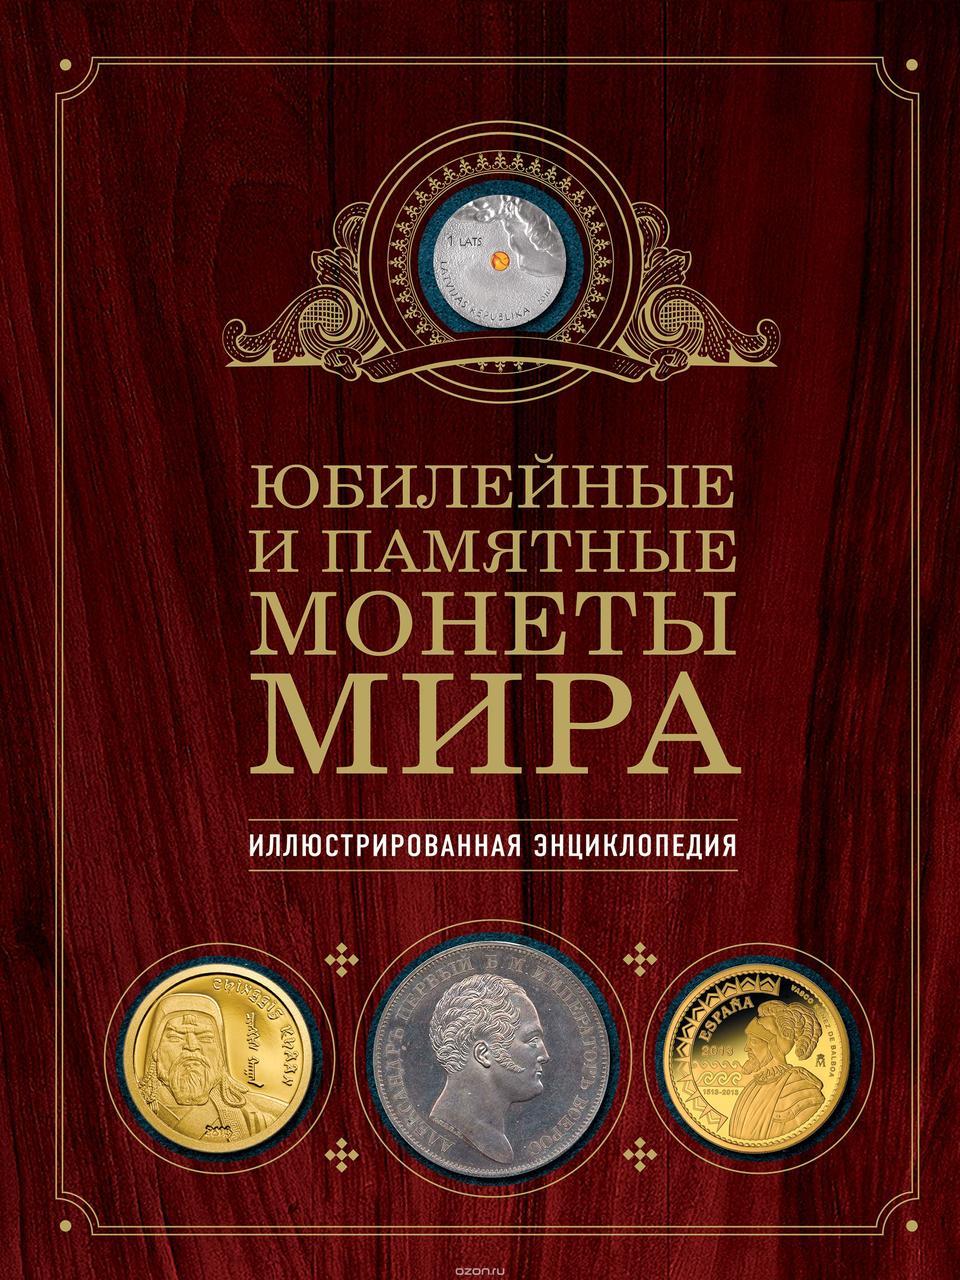 Юбилейные и памятные монеты мира  Ларин-Подольский И.